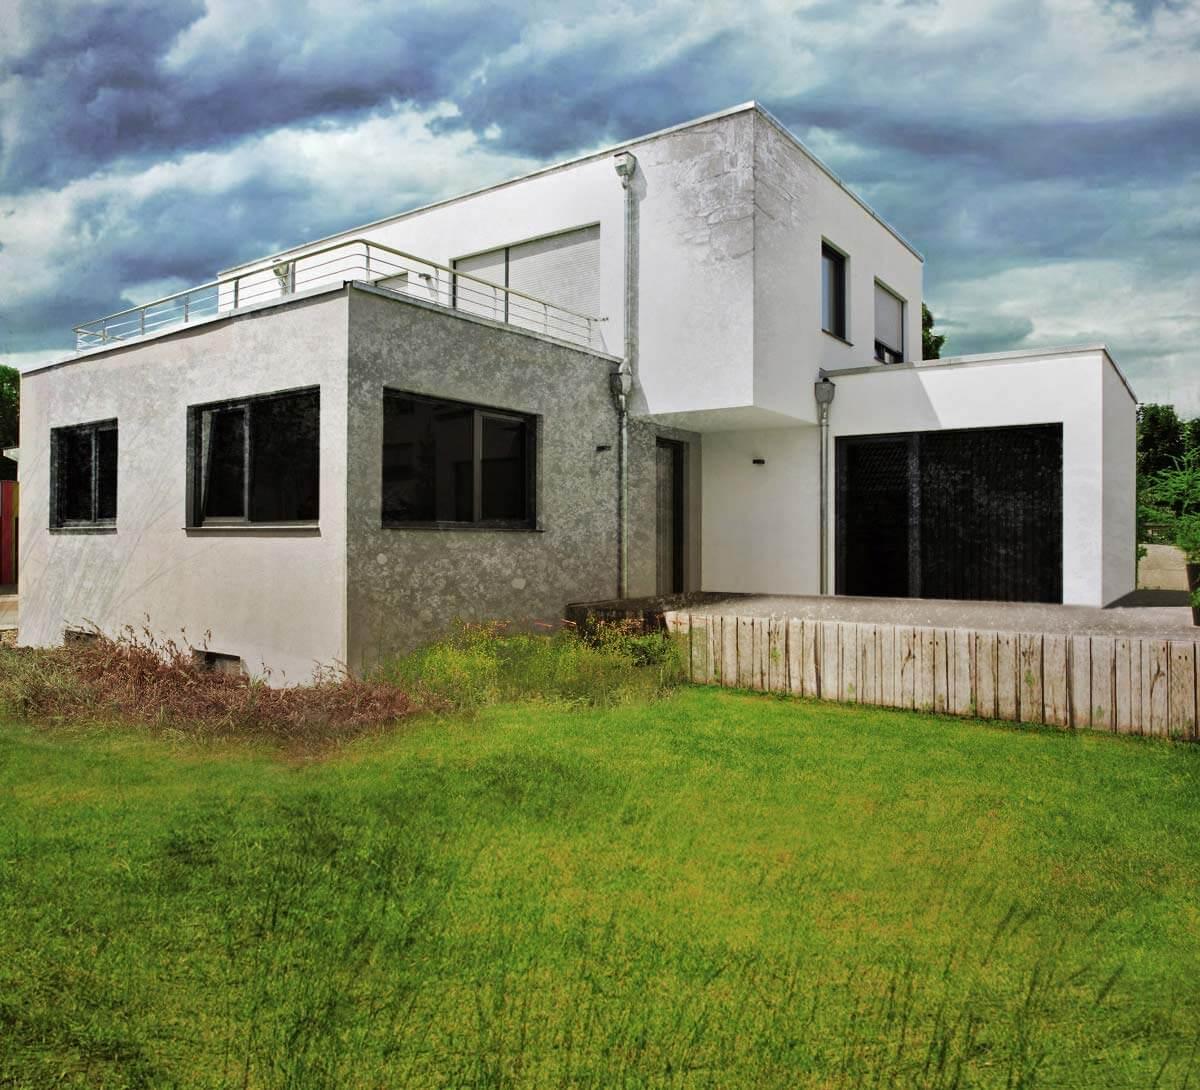 Haus Bau schlechter Zustand Garten ungepflegt